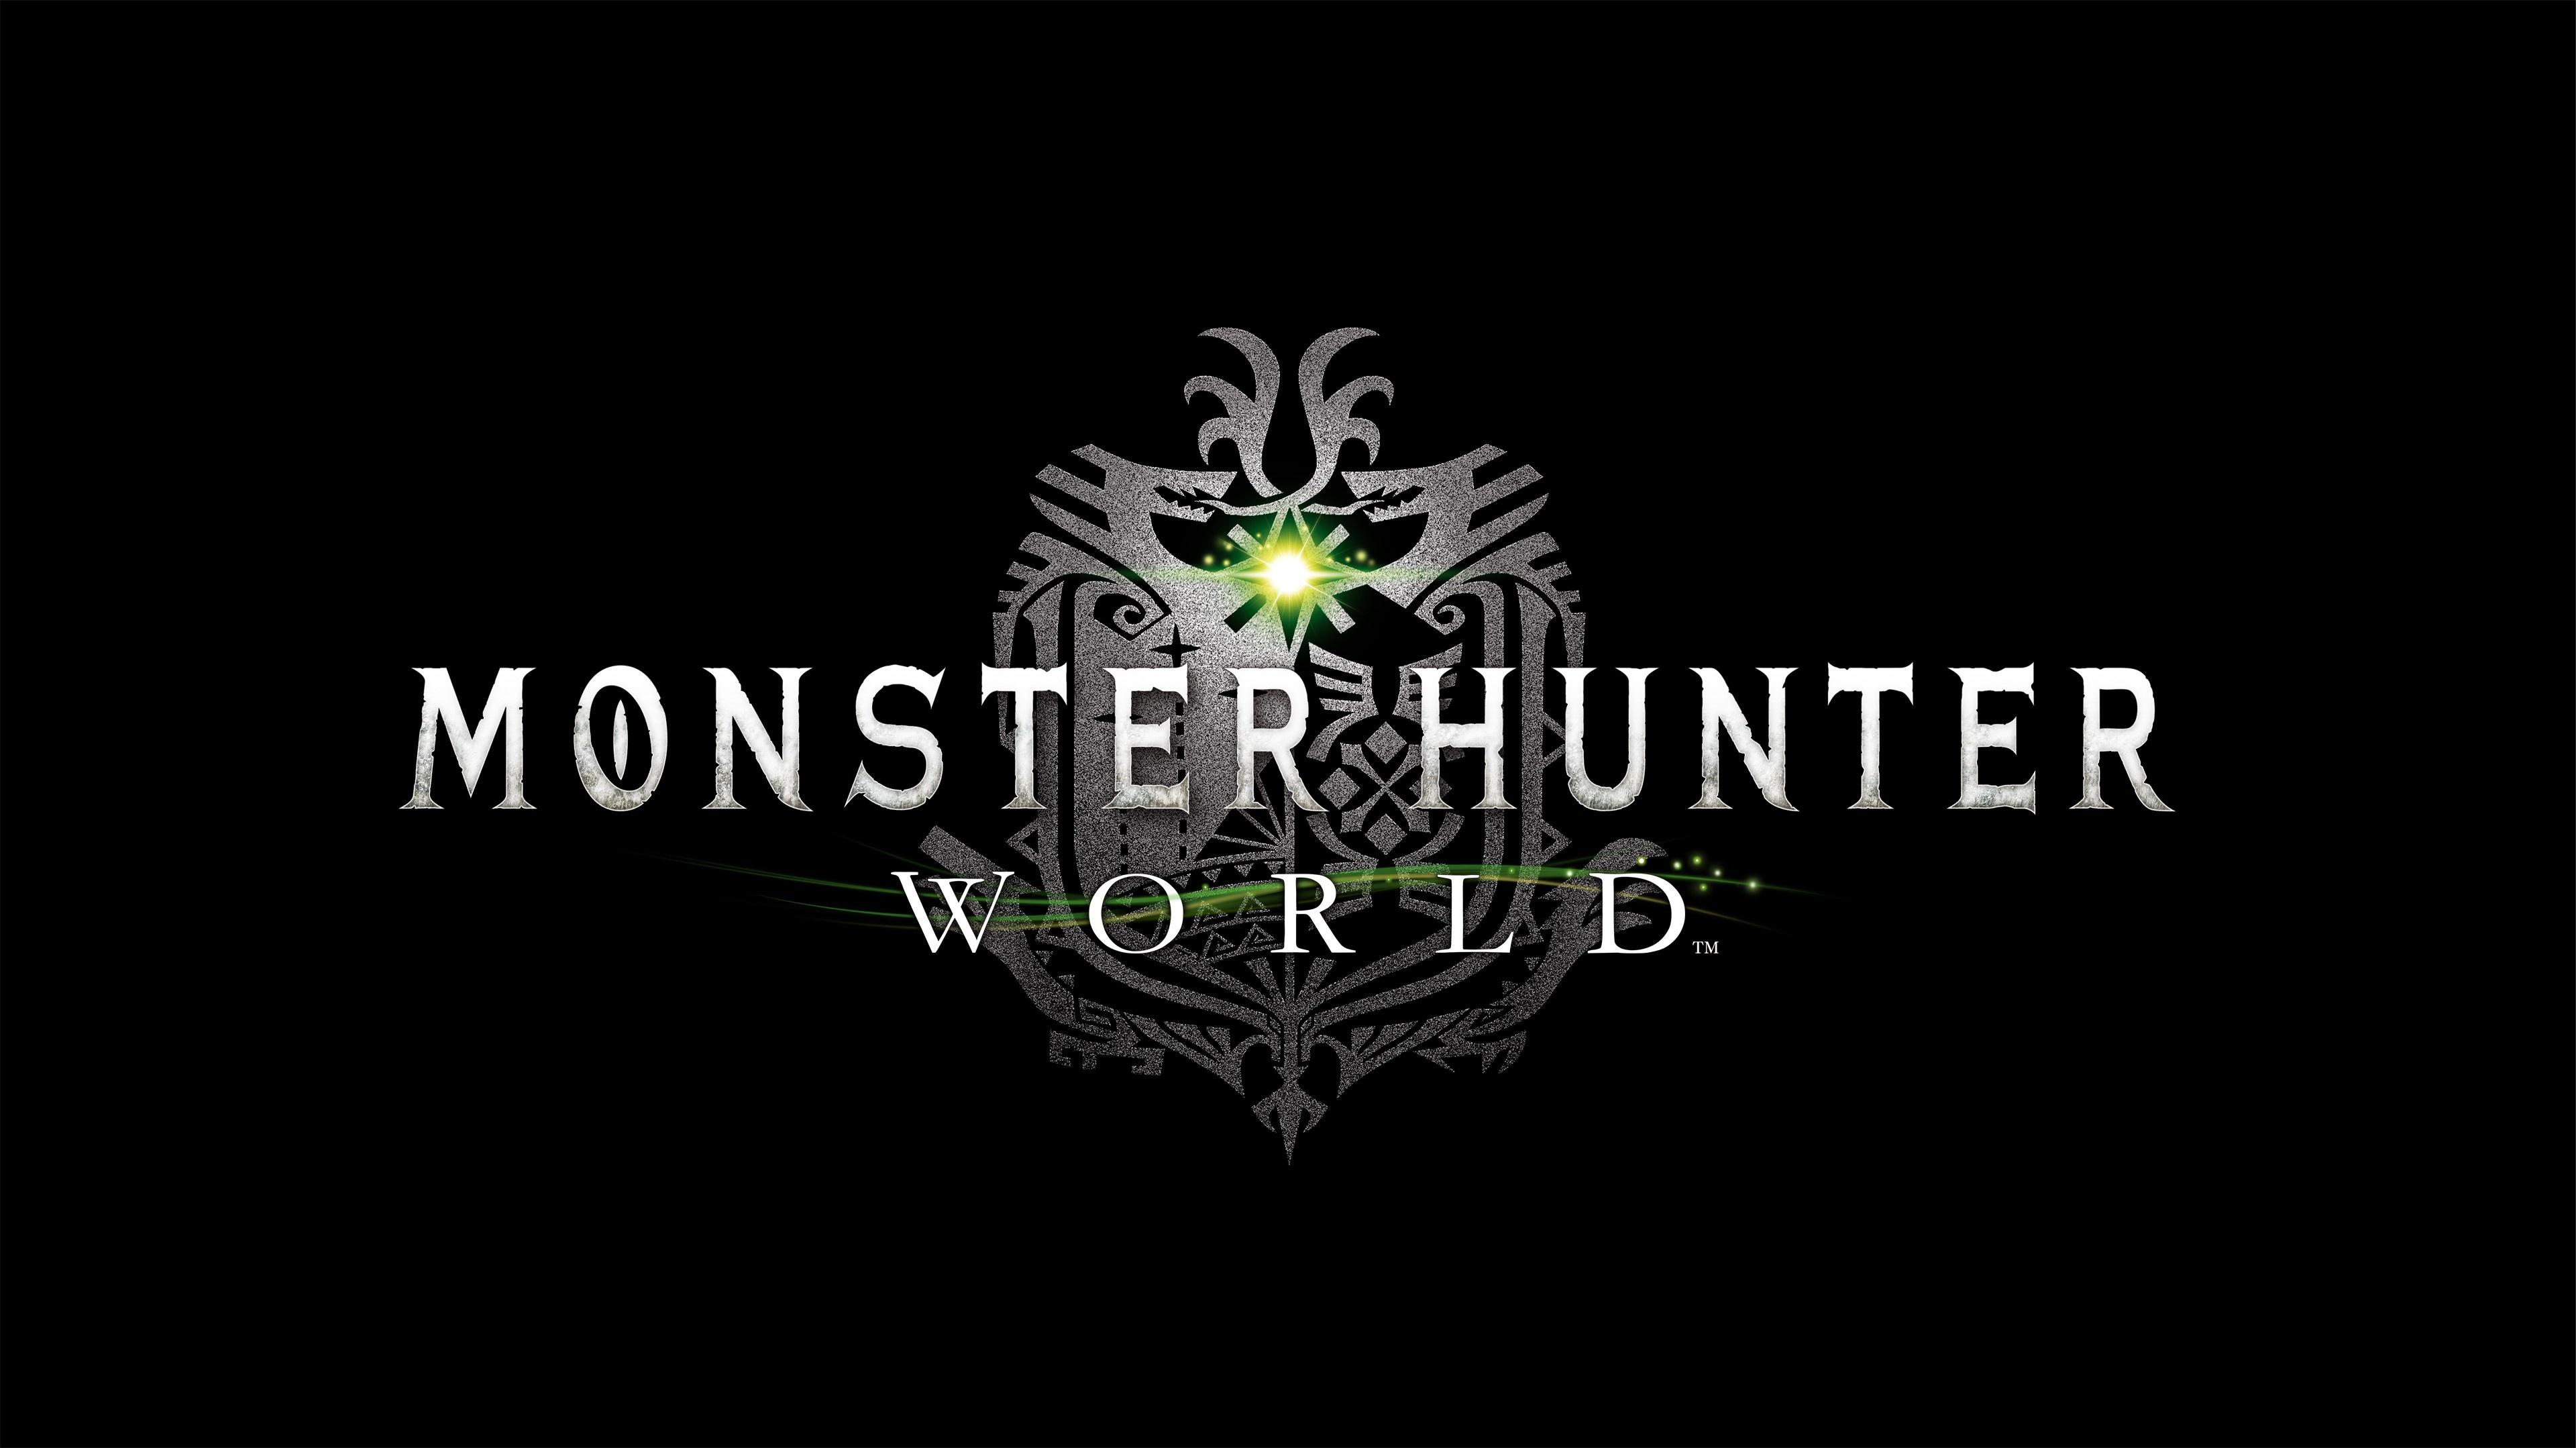 monster-hunter-world-wallpaper-zuu-10